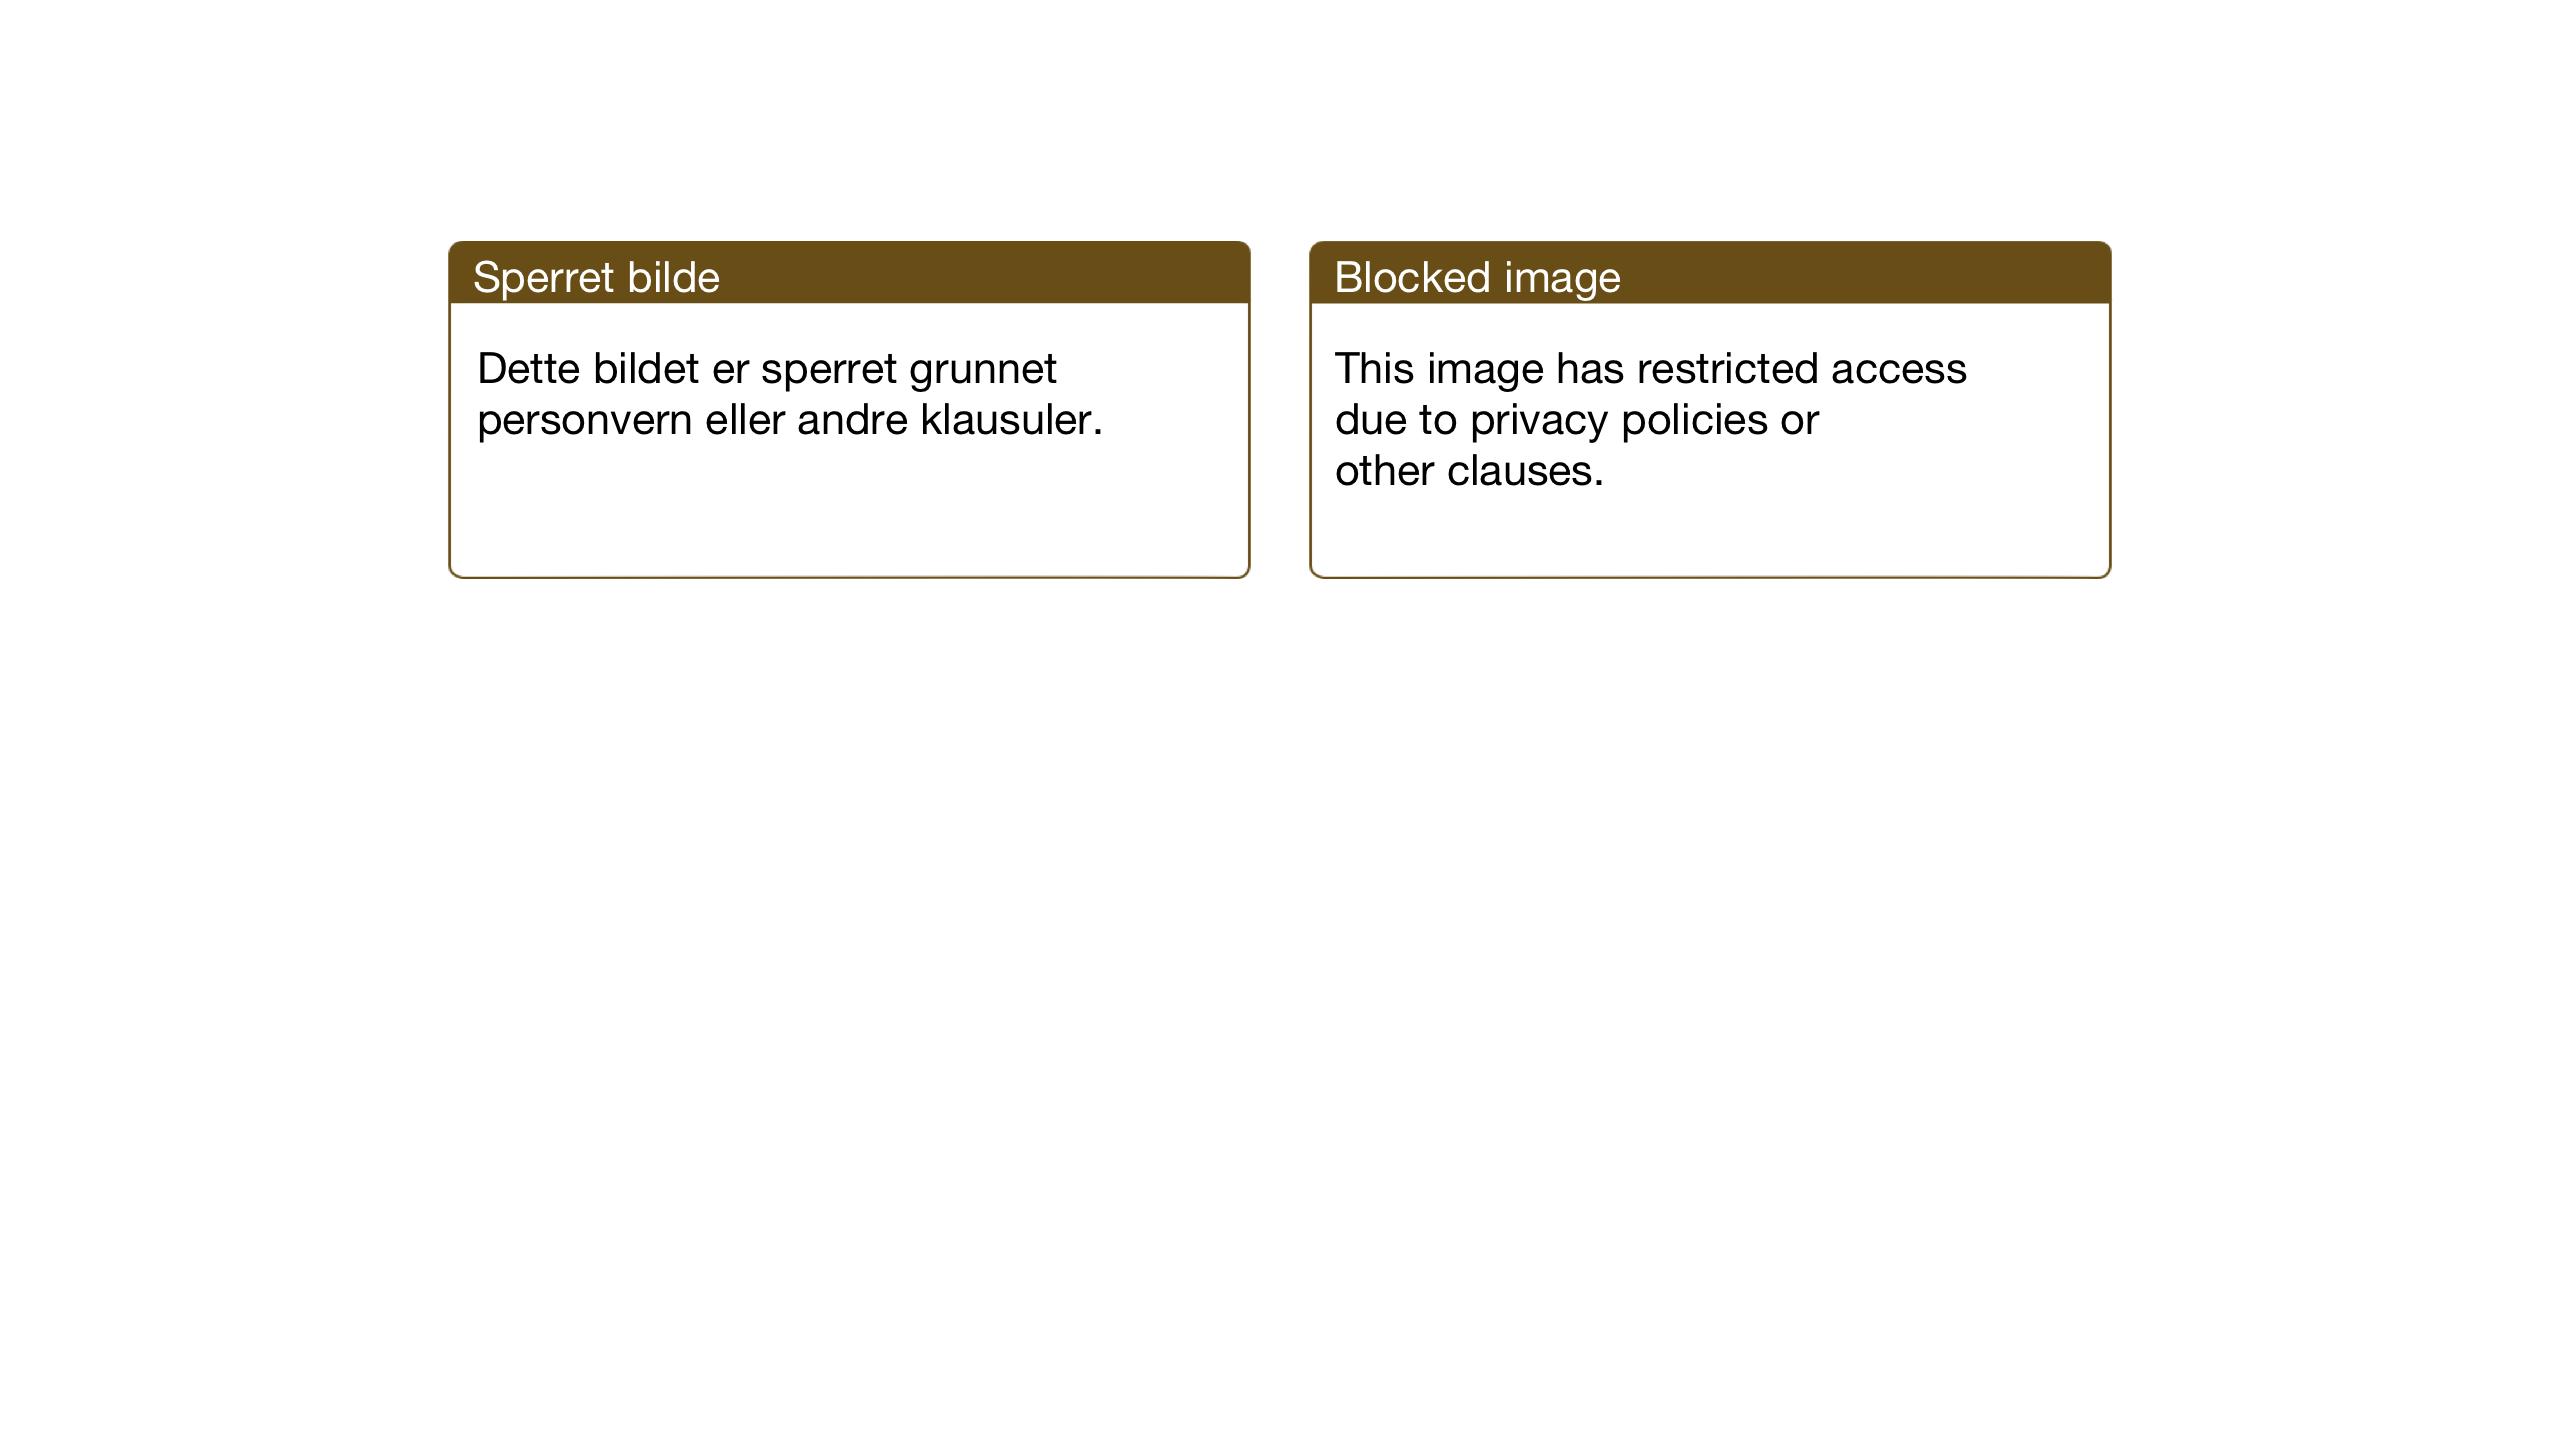 SAT, Ministerialprotokoller, klokkerbøker og fødselsregistre - Sør-Trøndelag, 682/L0947: Klokkerbok nr. 682C01, 1926-1968, s. 92